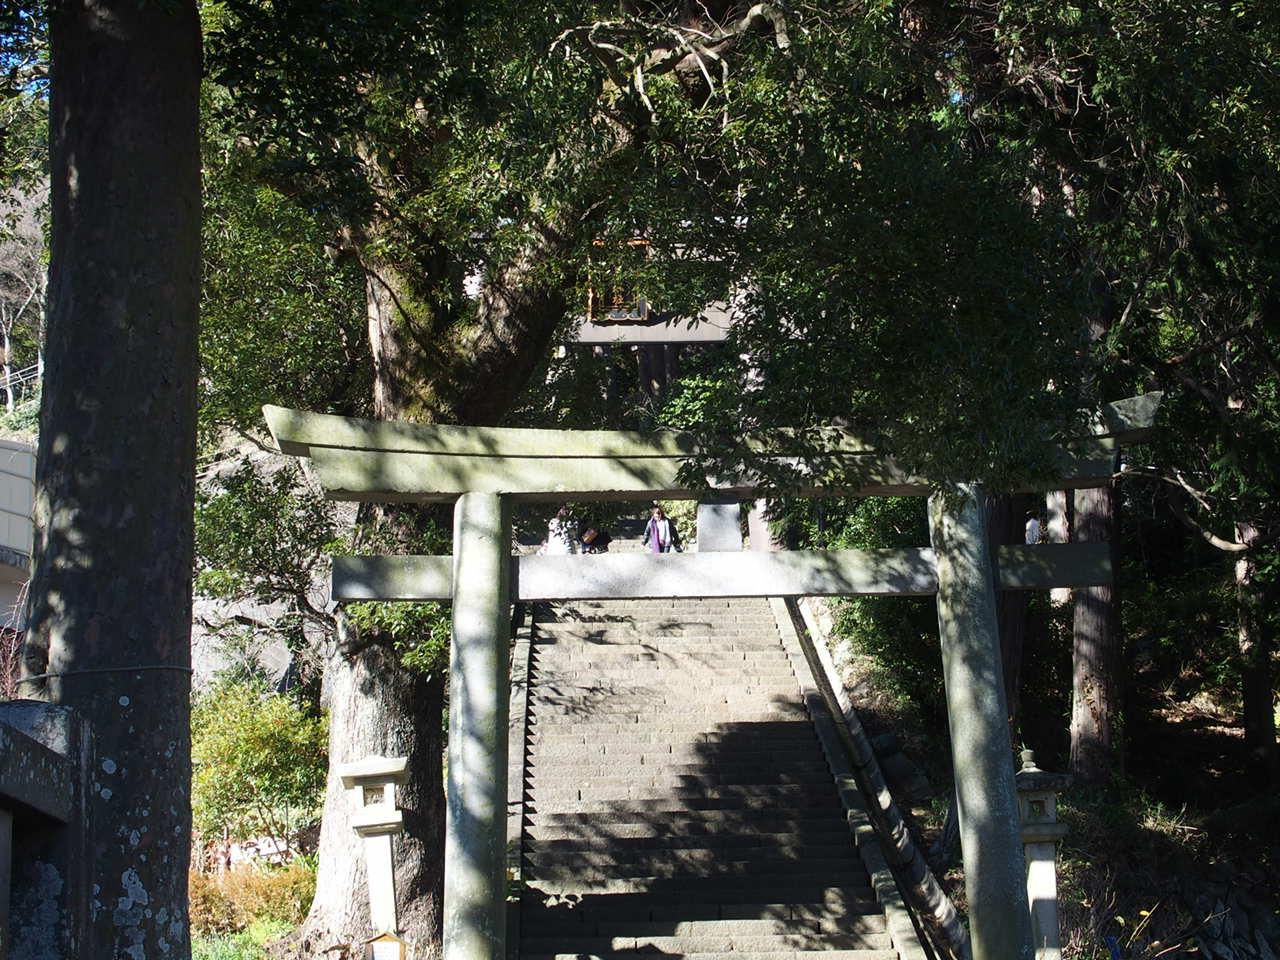 伊豆山神社前のバス停をおりると鳥居が見えてきます。